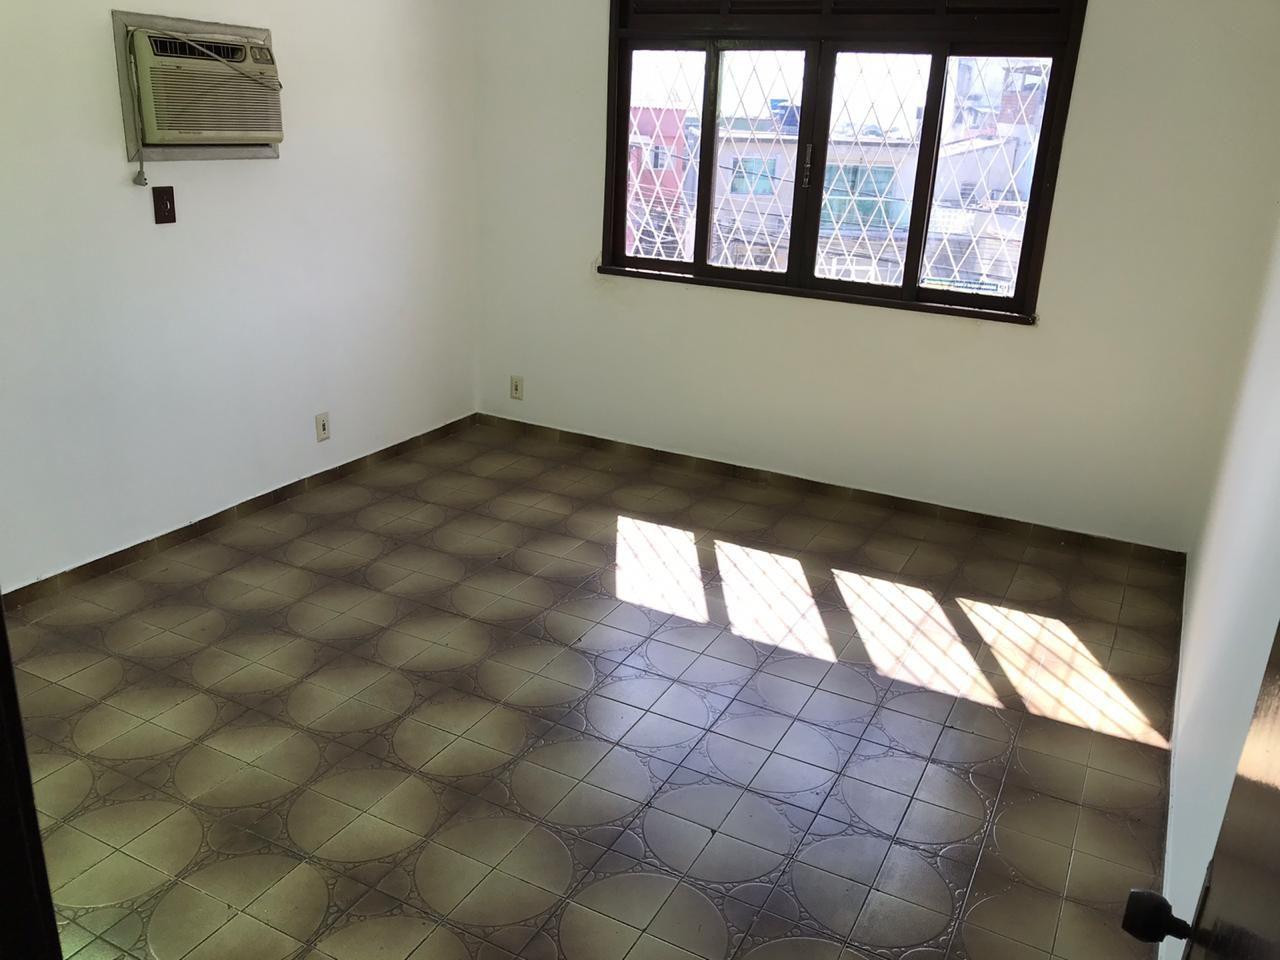 FOTO 5 - Casa à venda Rua Quiririm,Vila Valqueire, Rio de Janeiro - R$ 320.000 - RF274 - 6